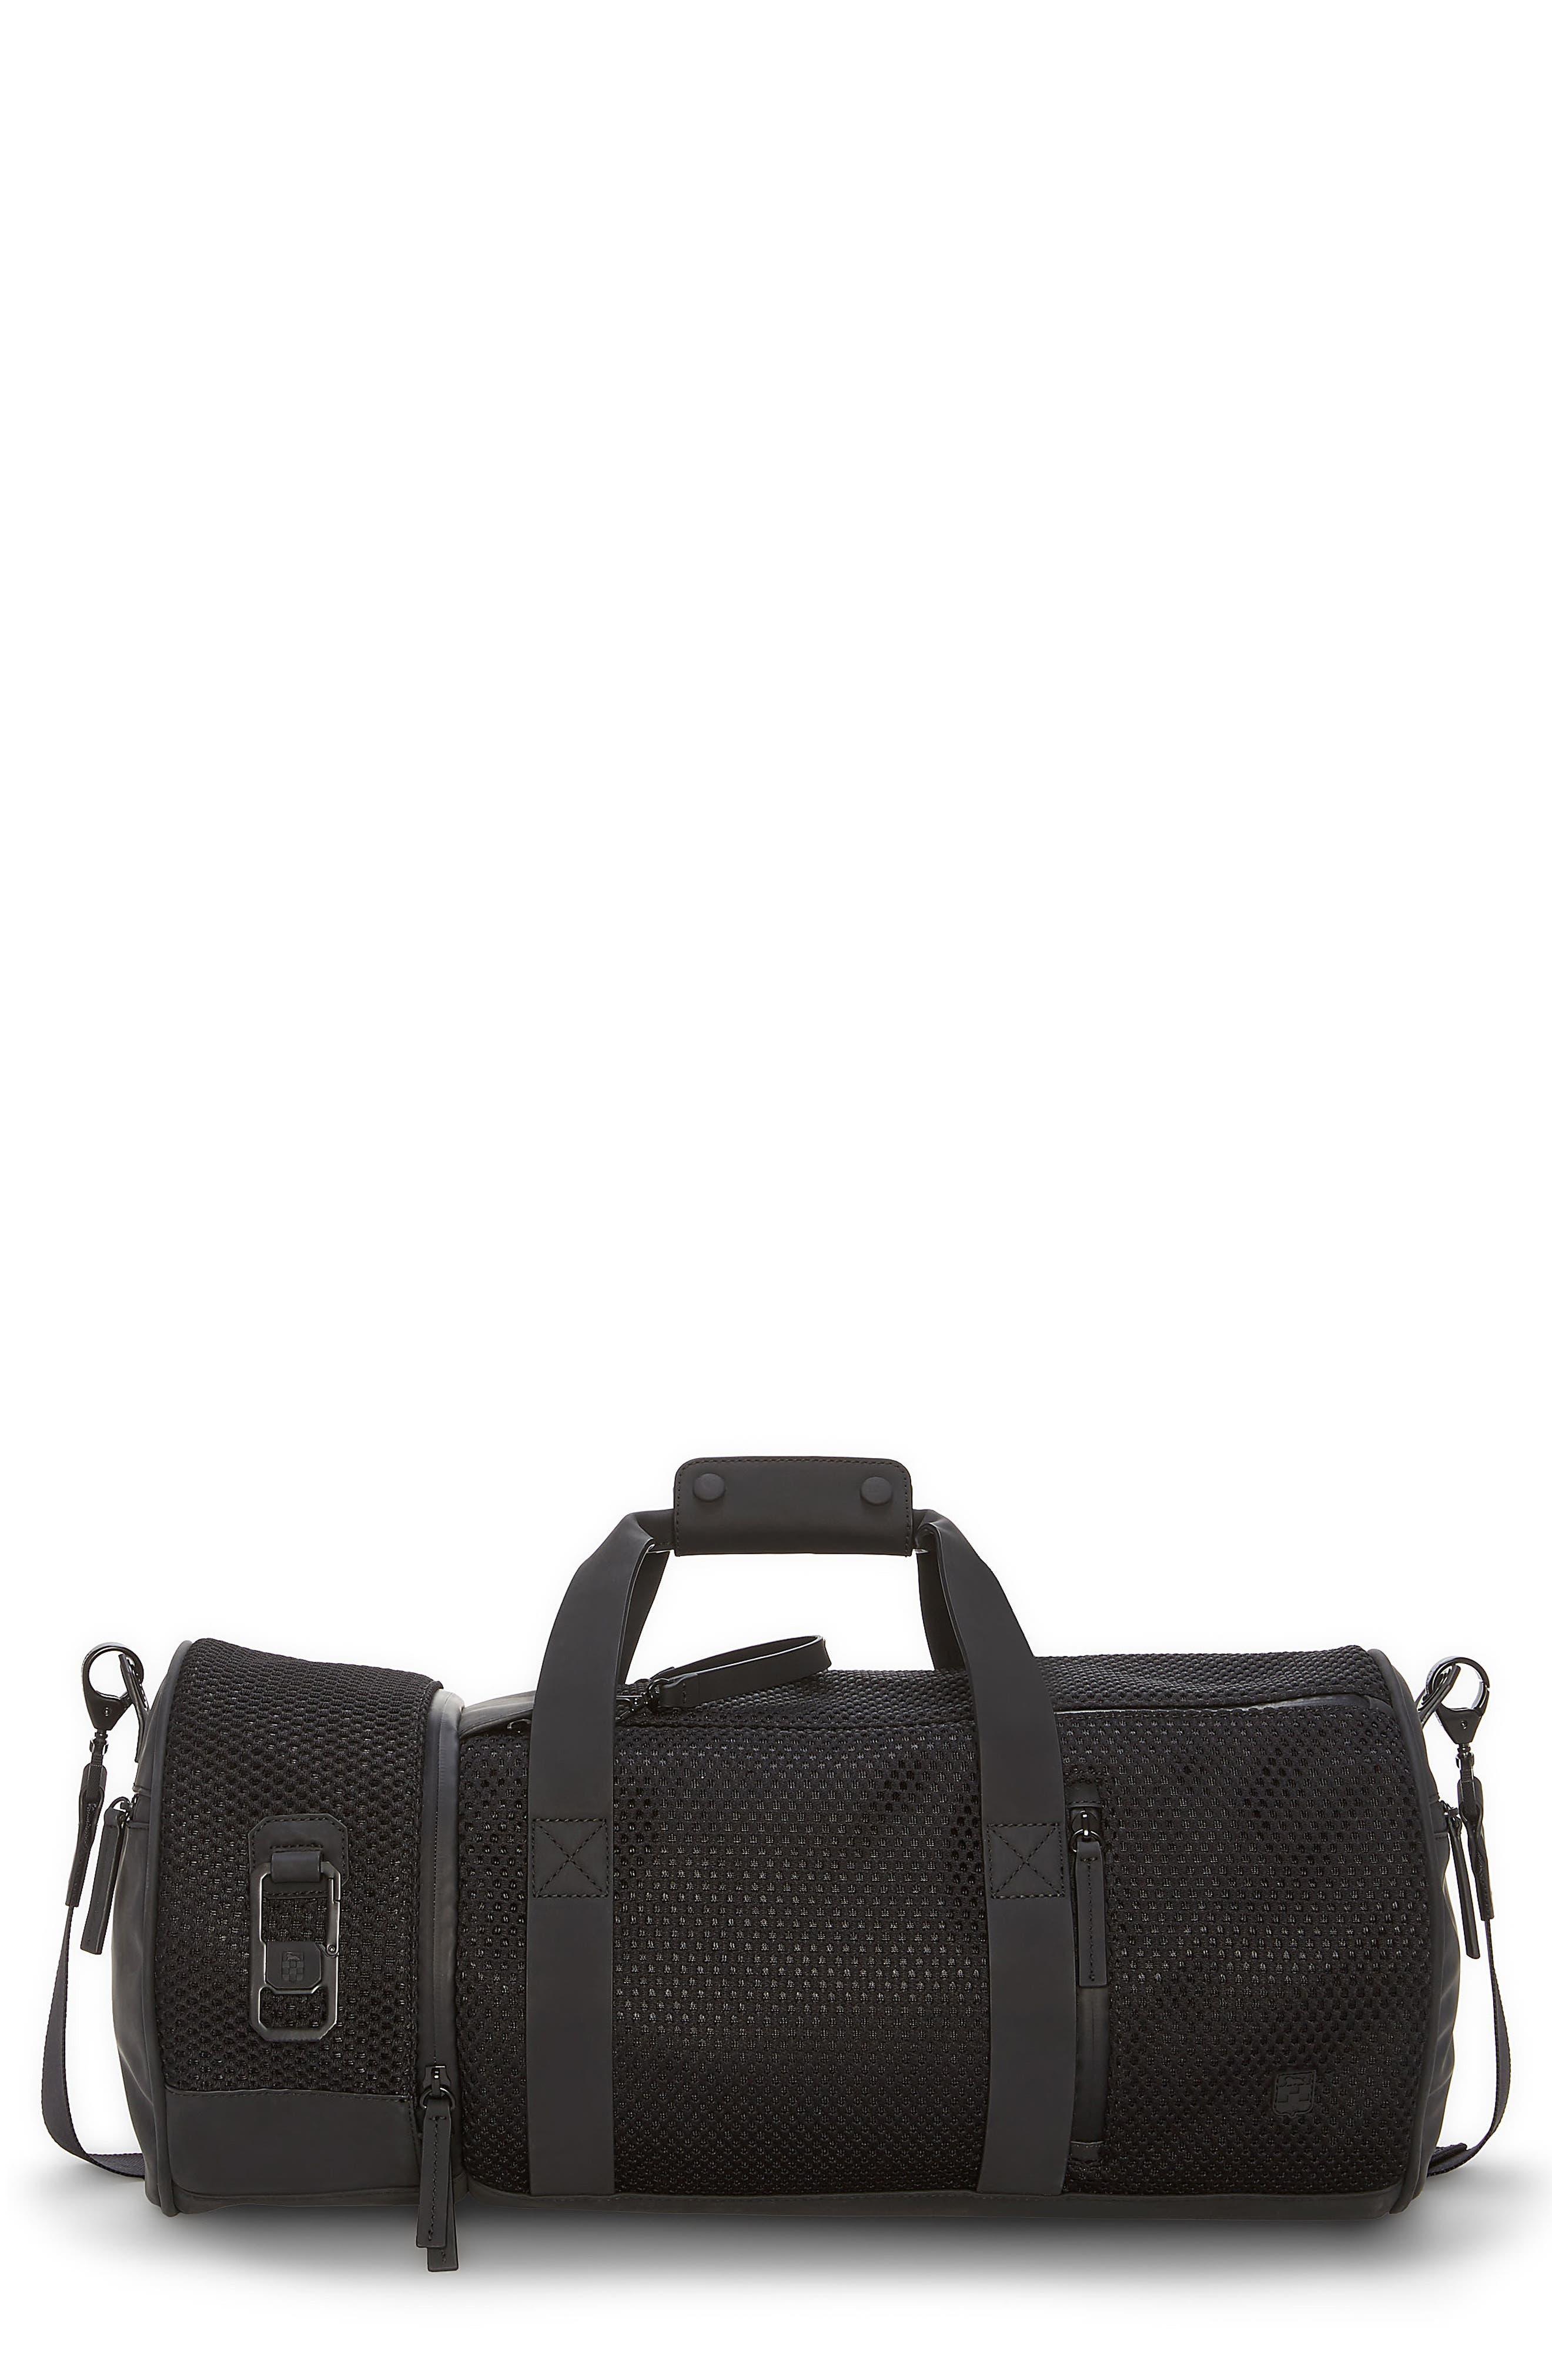 Urban Mesh Duffel Bag,                         Main,                         color, BLACK